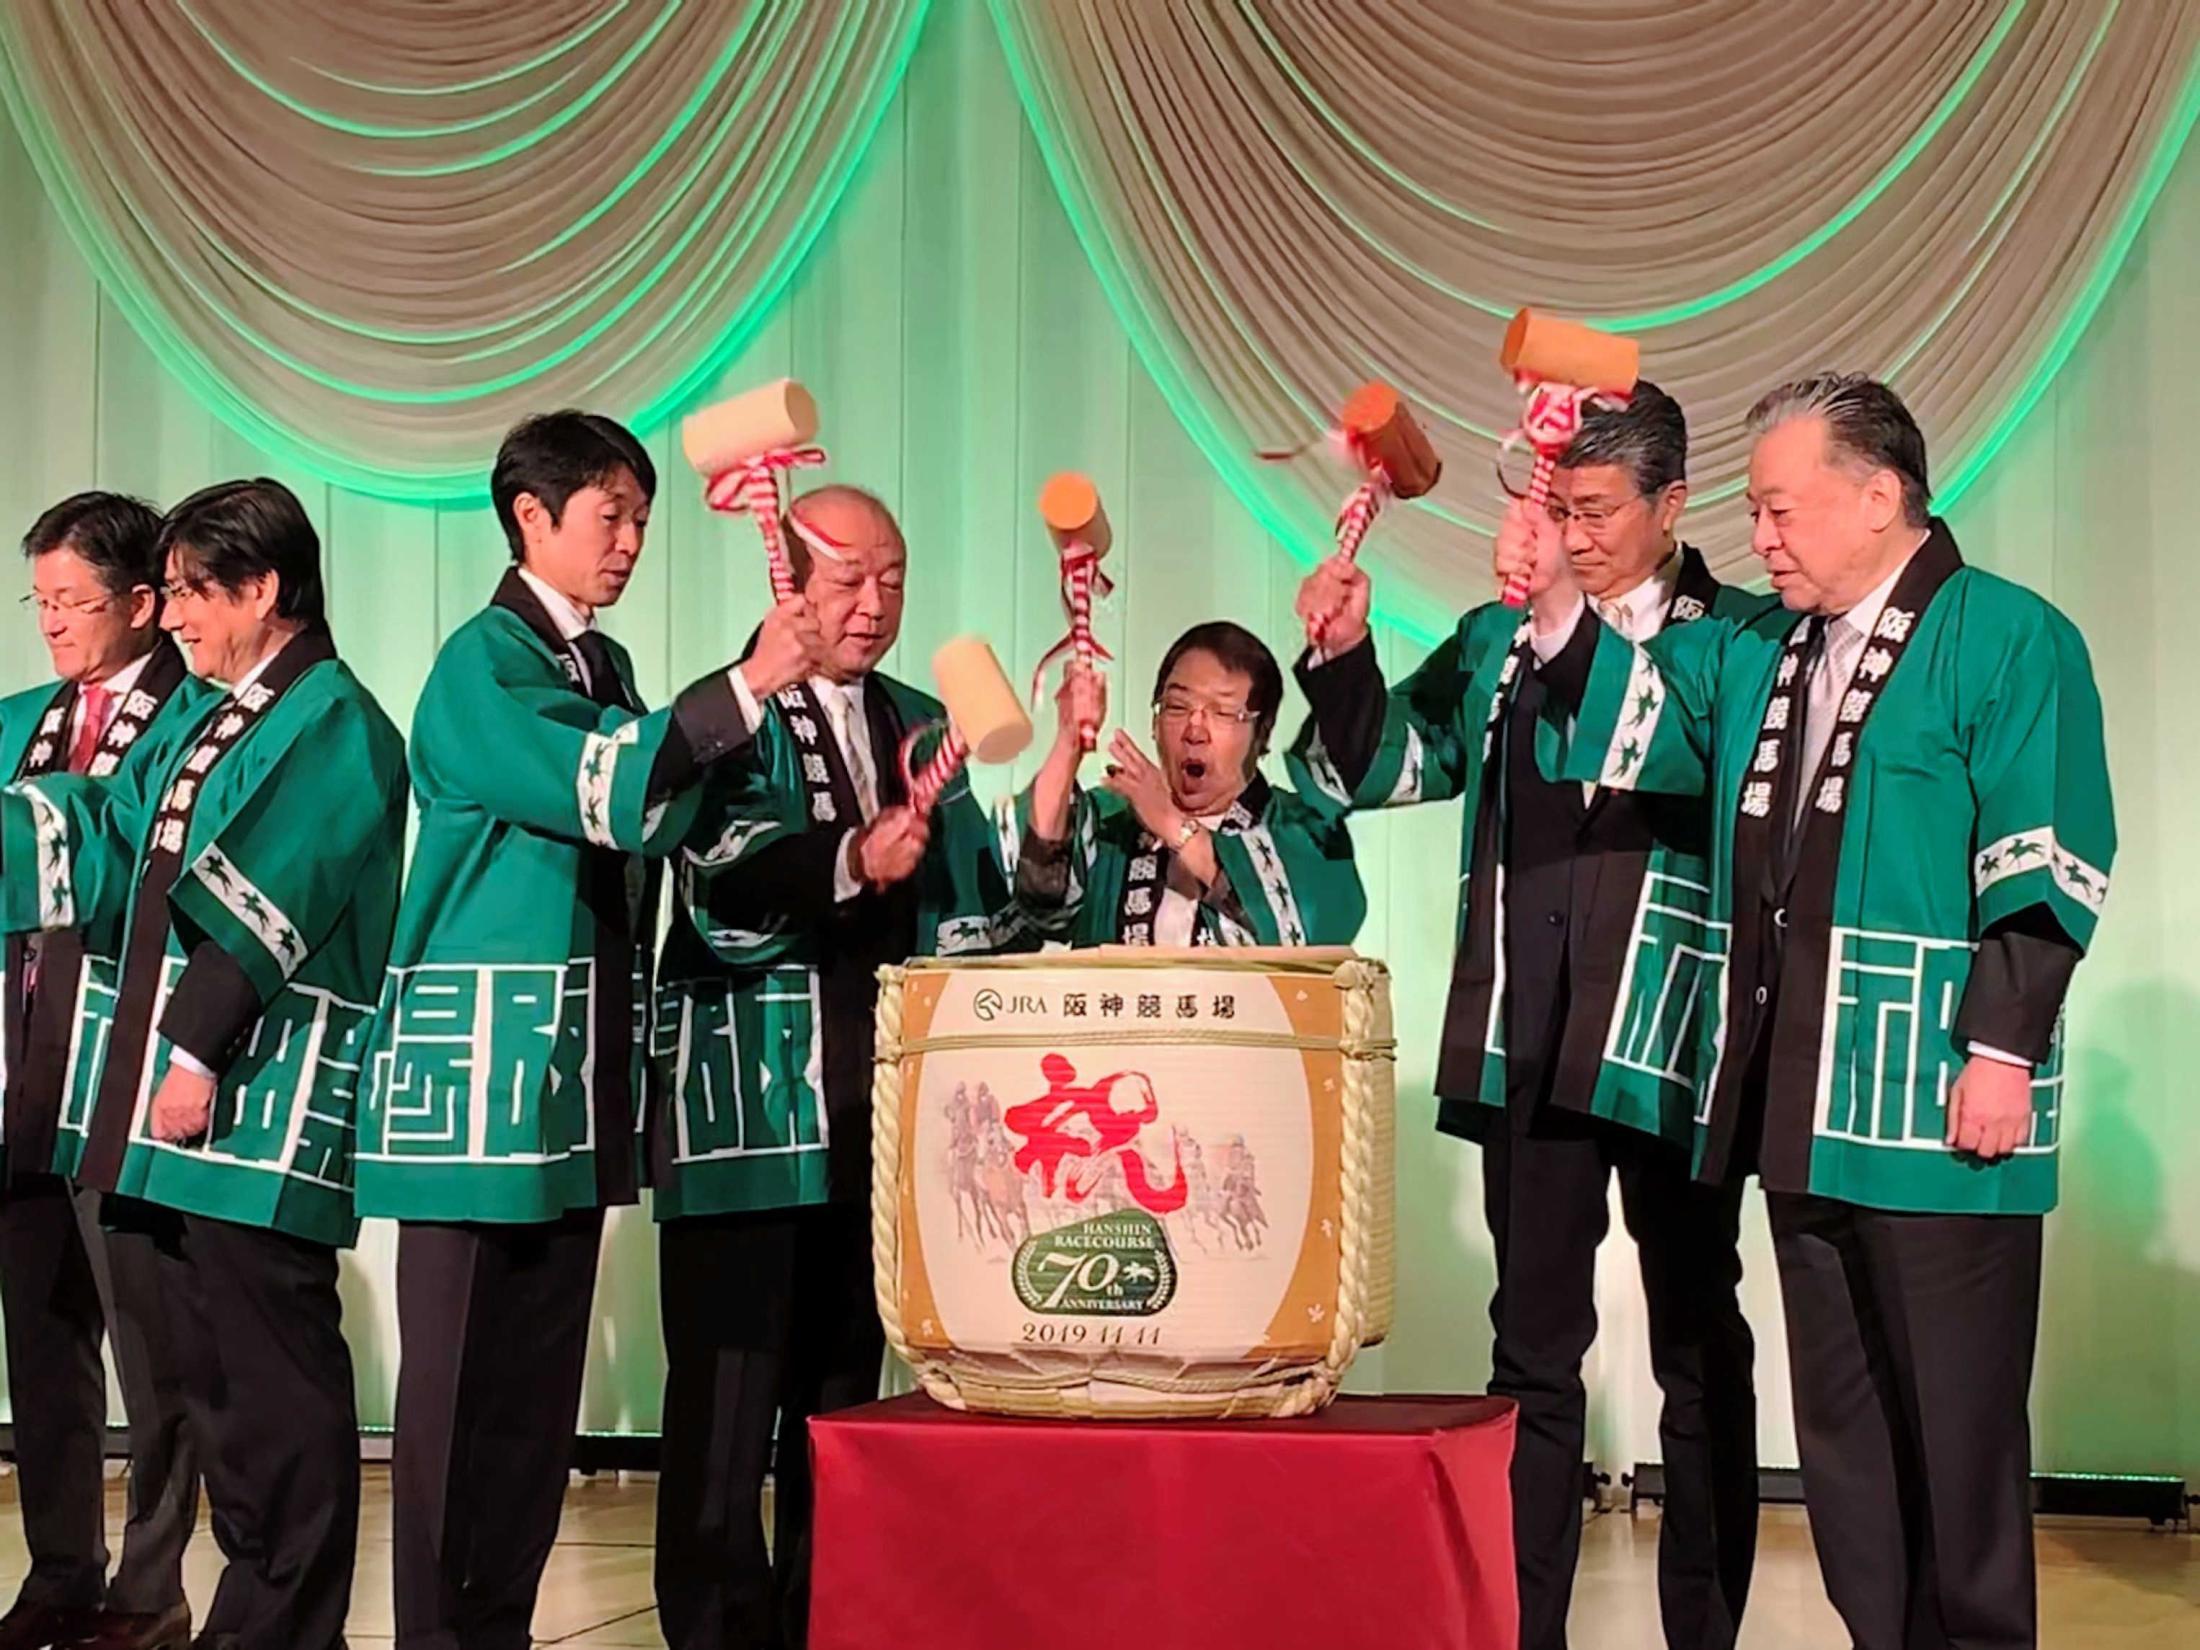 JRA後藤正幸理事長(右端)らと鏡開きをする武豊・日本騎手クラブ会長(左から3人目)